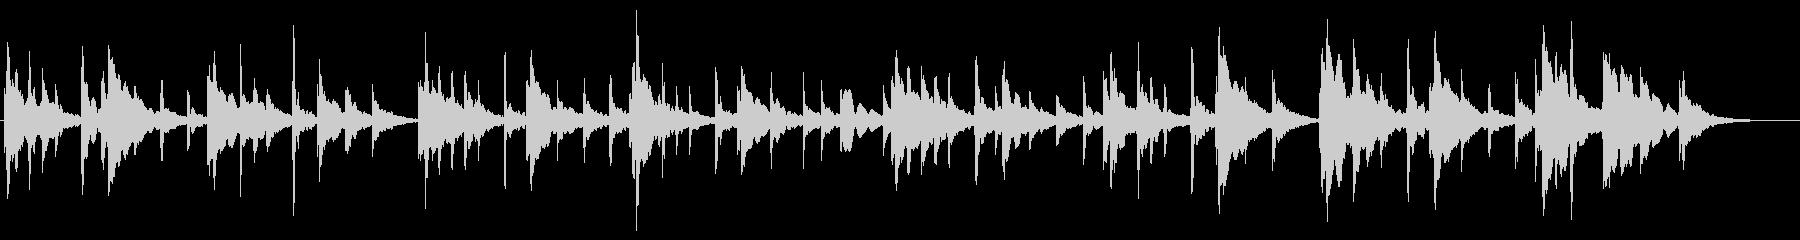 オーケストラクリスマス映像用の明るい曲の未再生の波形